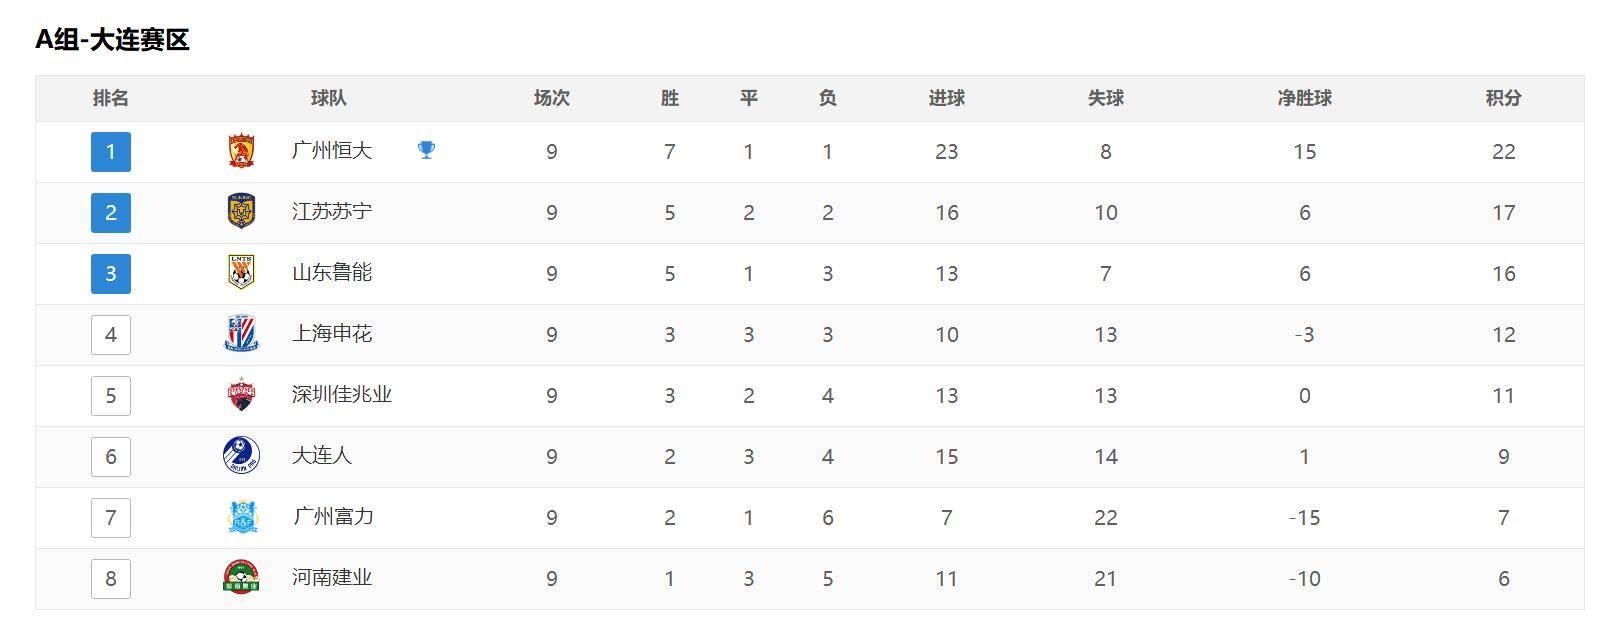 原创             中超最新积分榜:恒大获胜领先苏宁5分,下一轮A组前六迎决战